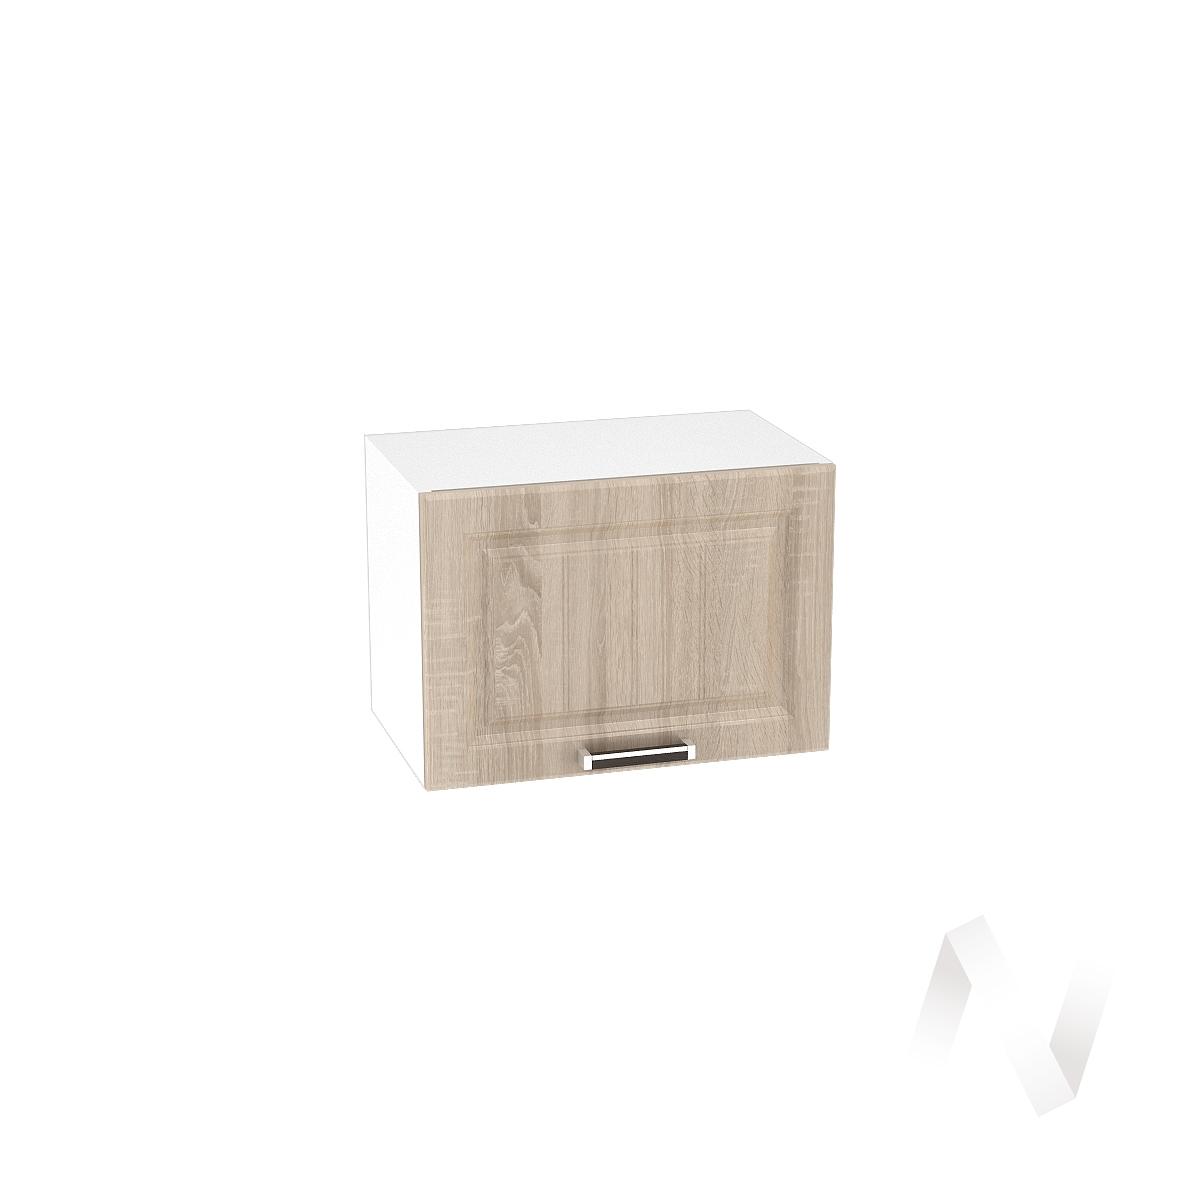 """Купить кухня """"прага"""": шкаф верхний горизонтальный 500, швг 500 (дуб сонома/корпус белый) в Иркутске в интернет магазине Мебель Максимум"""